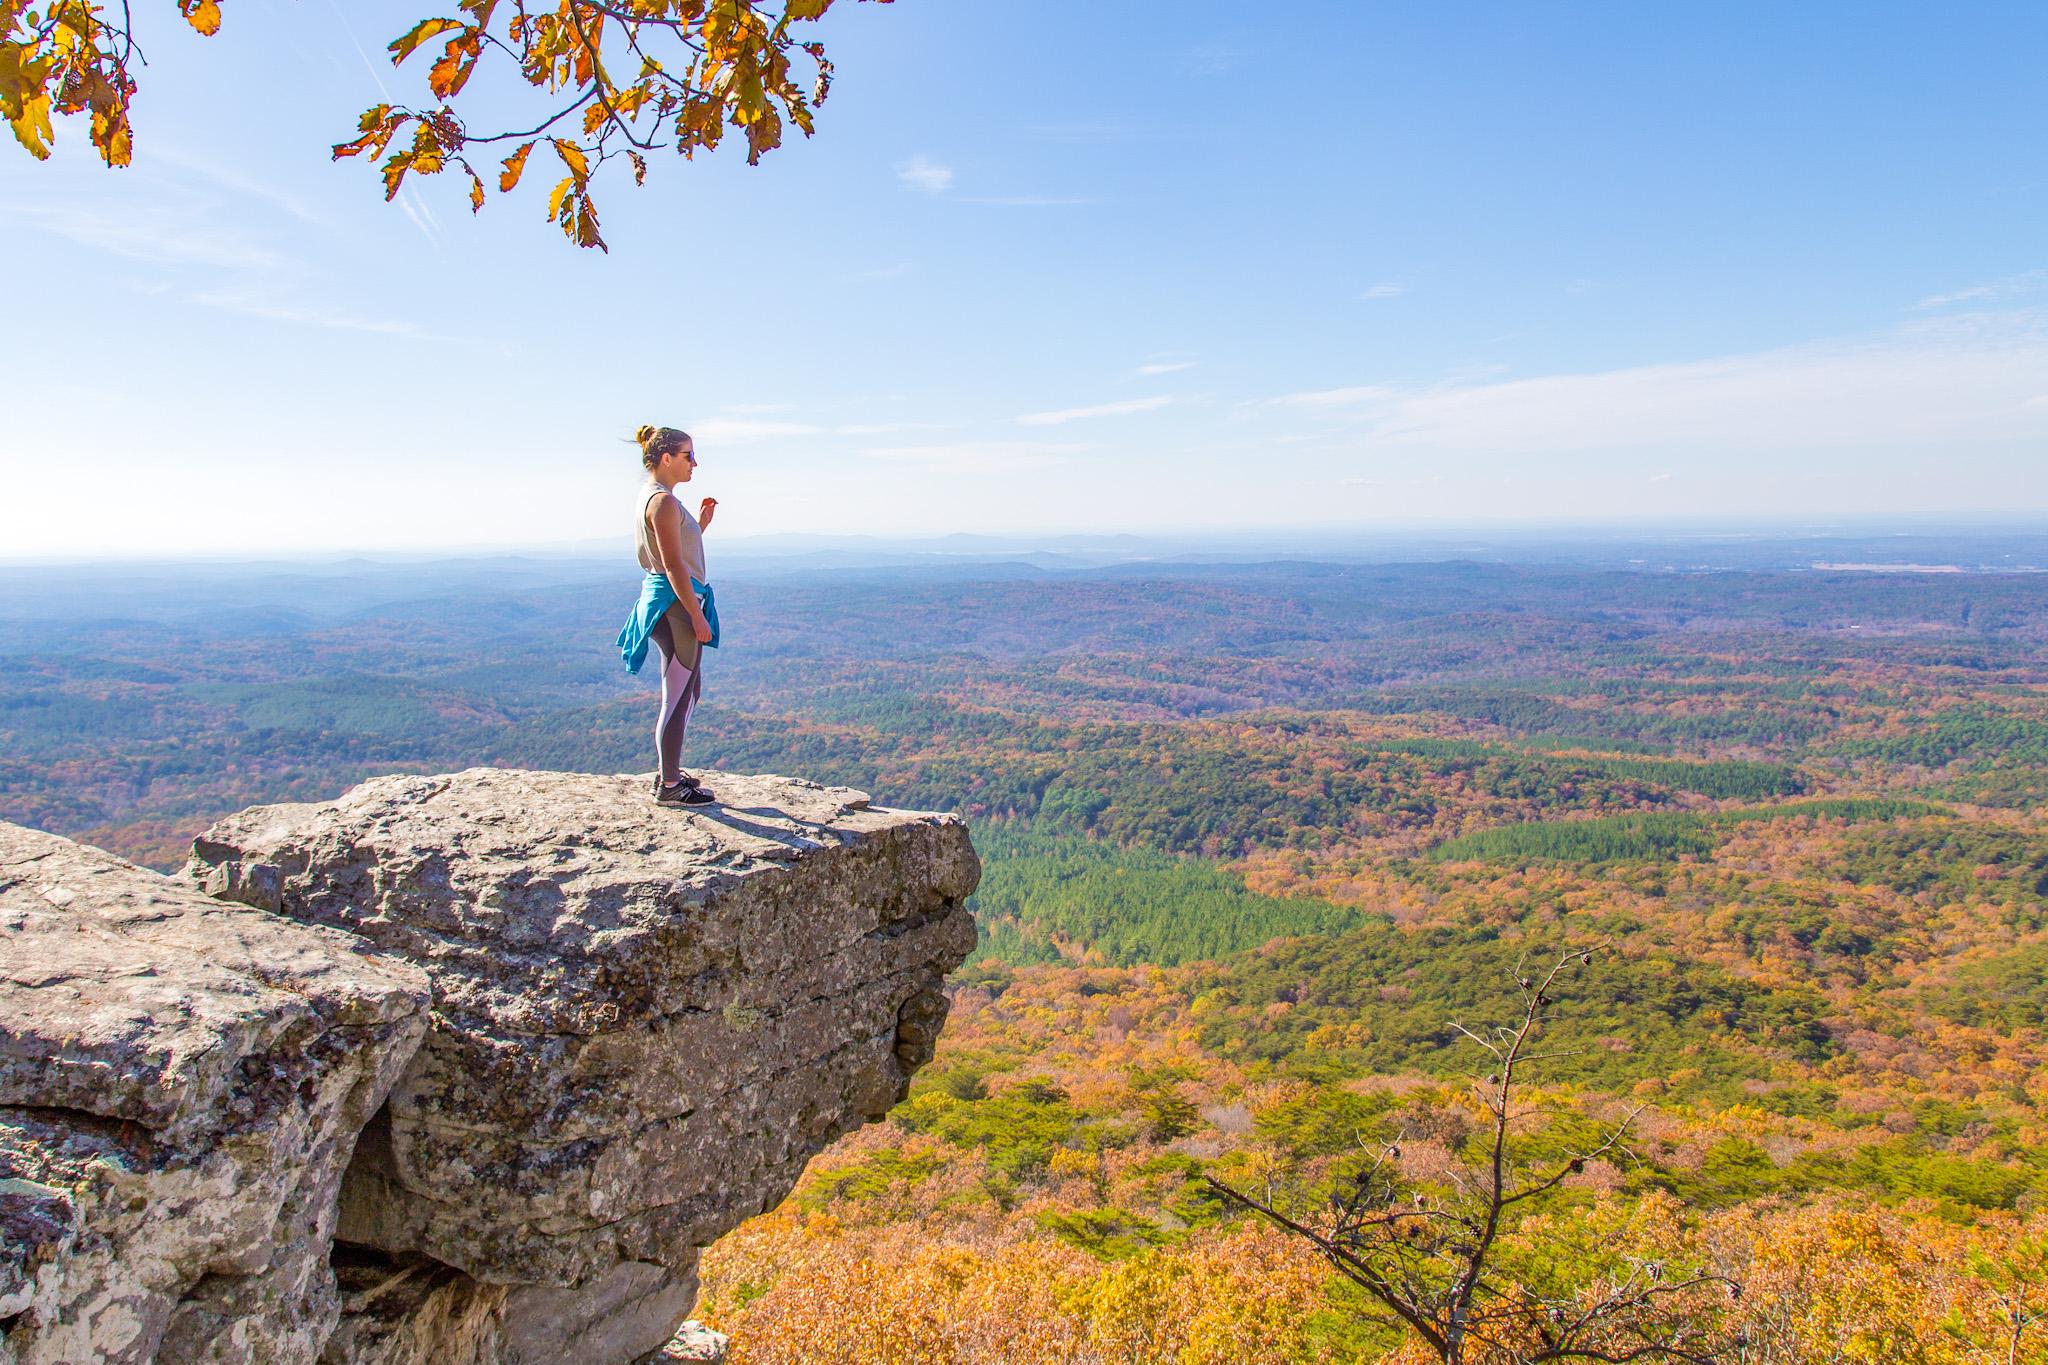 girl on rock overlooking mountain